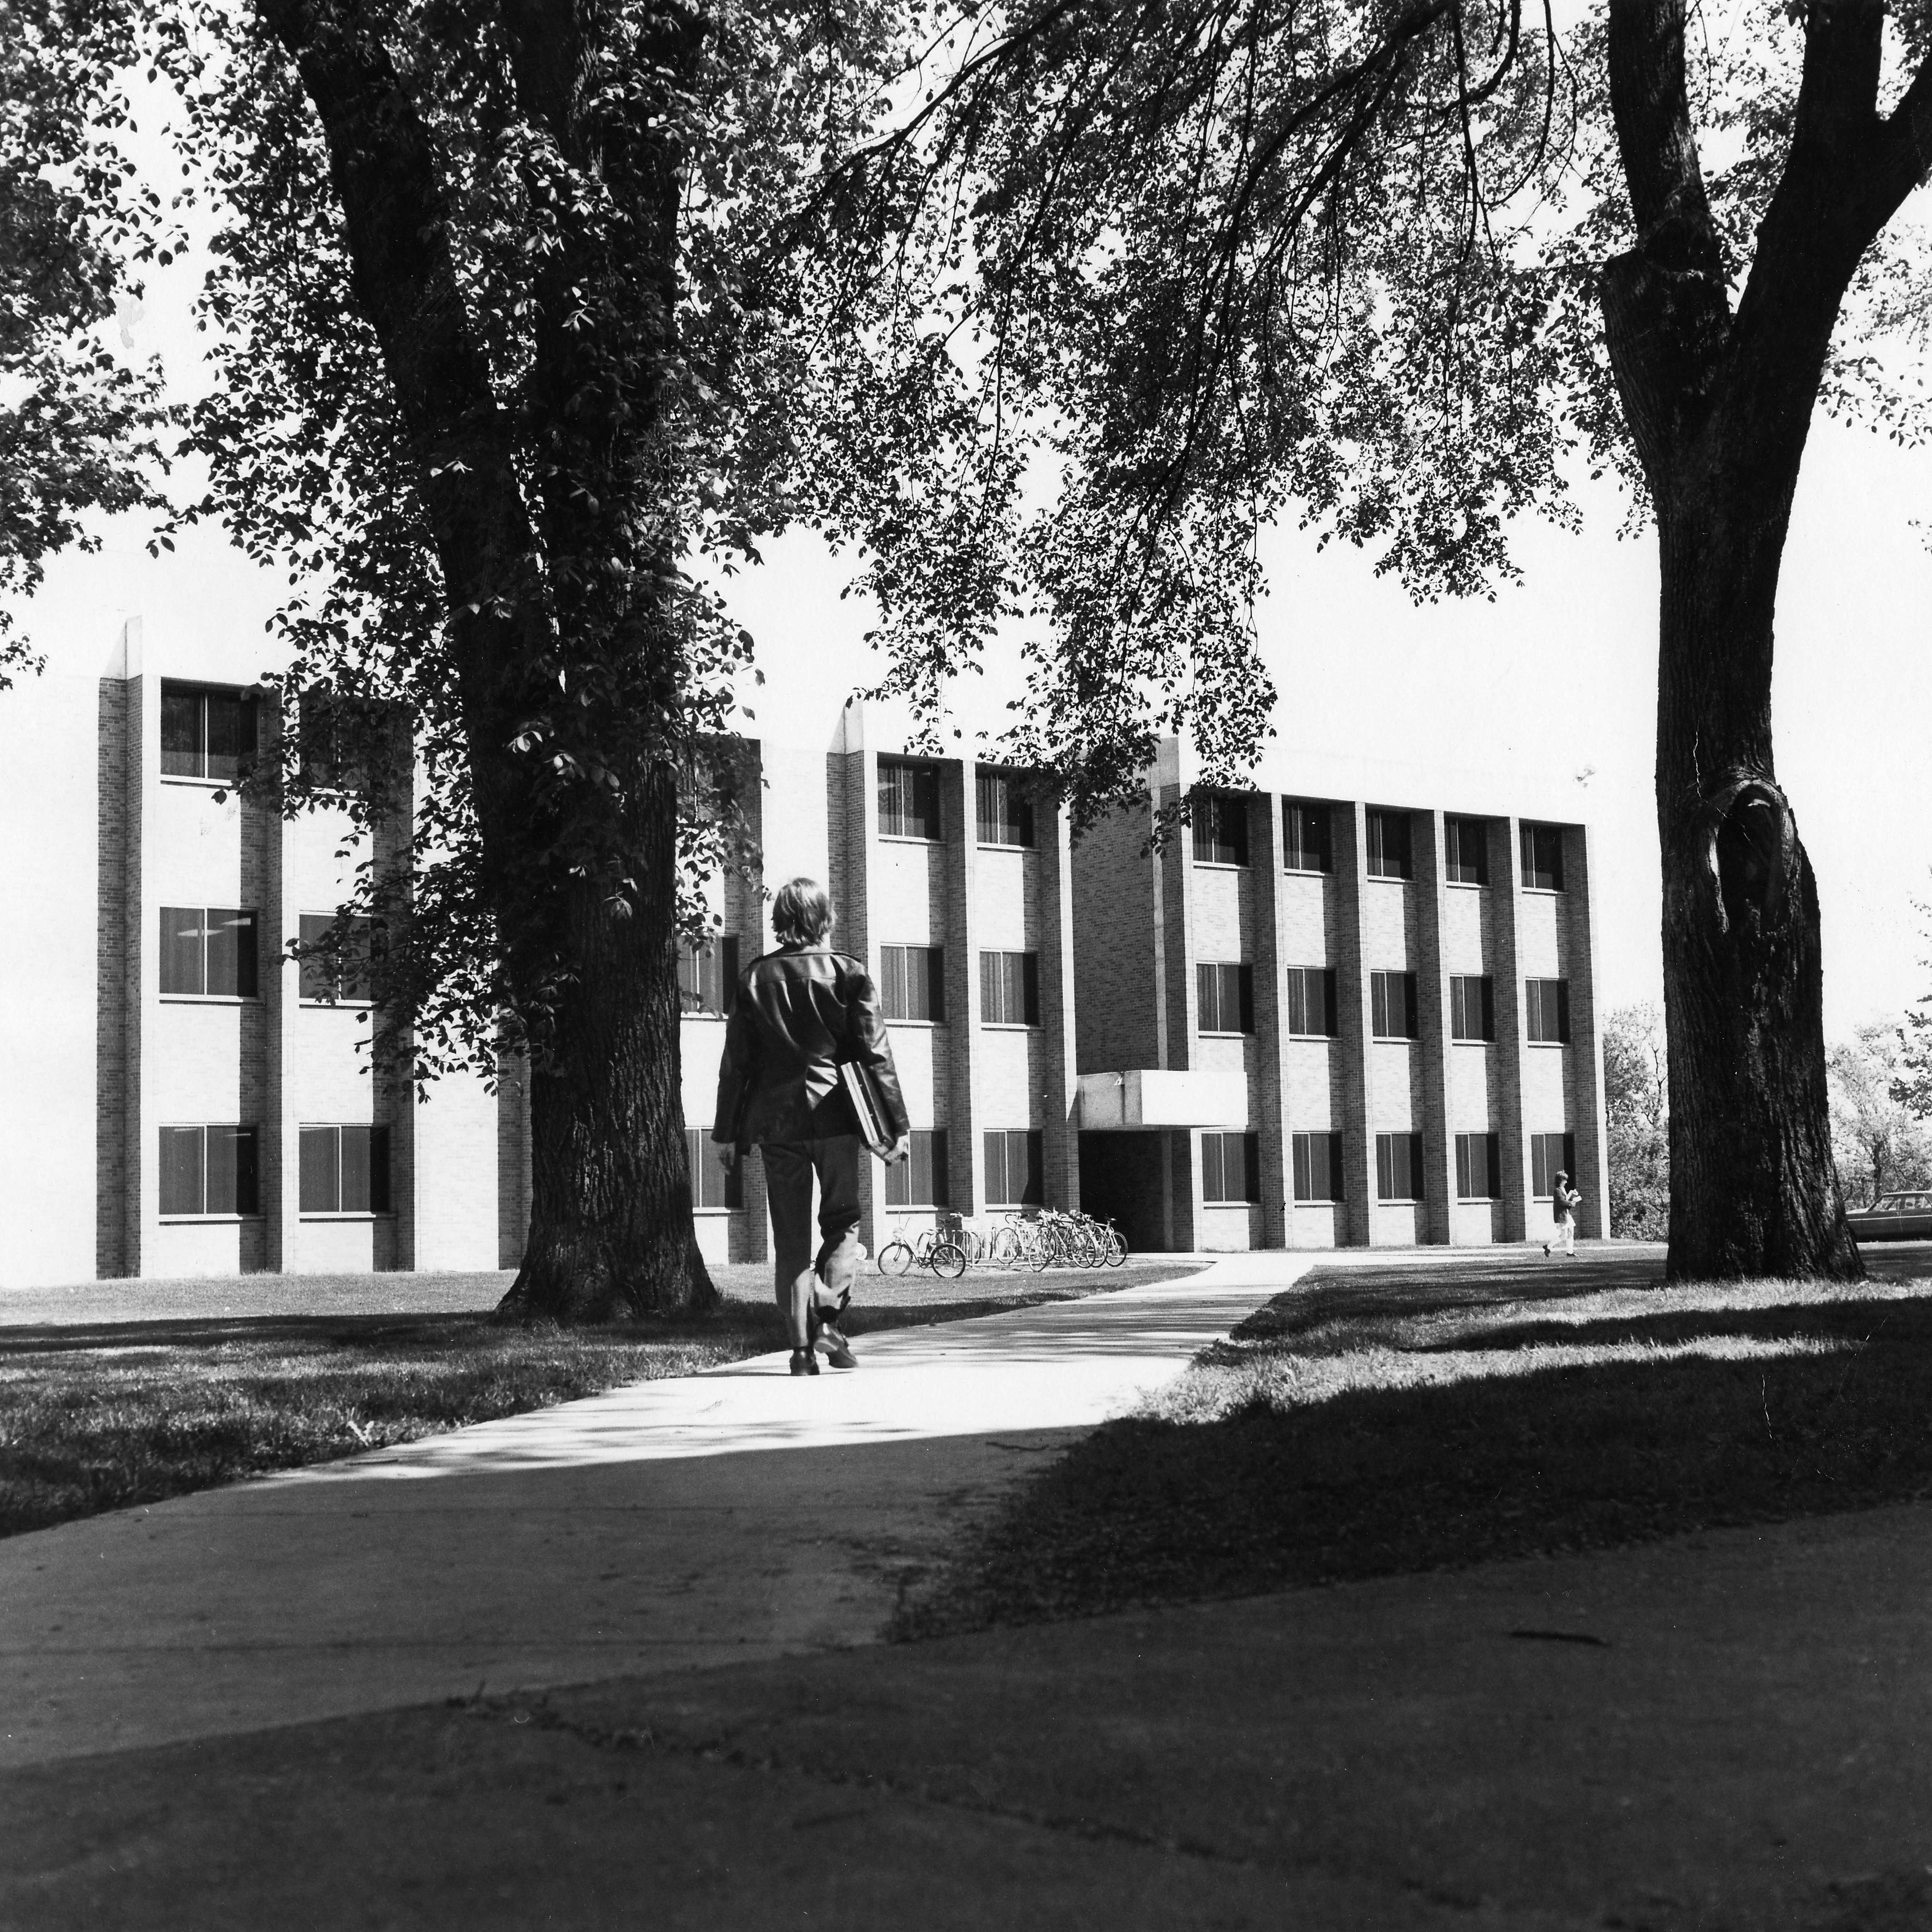 School of Business building, 1970s